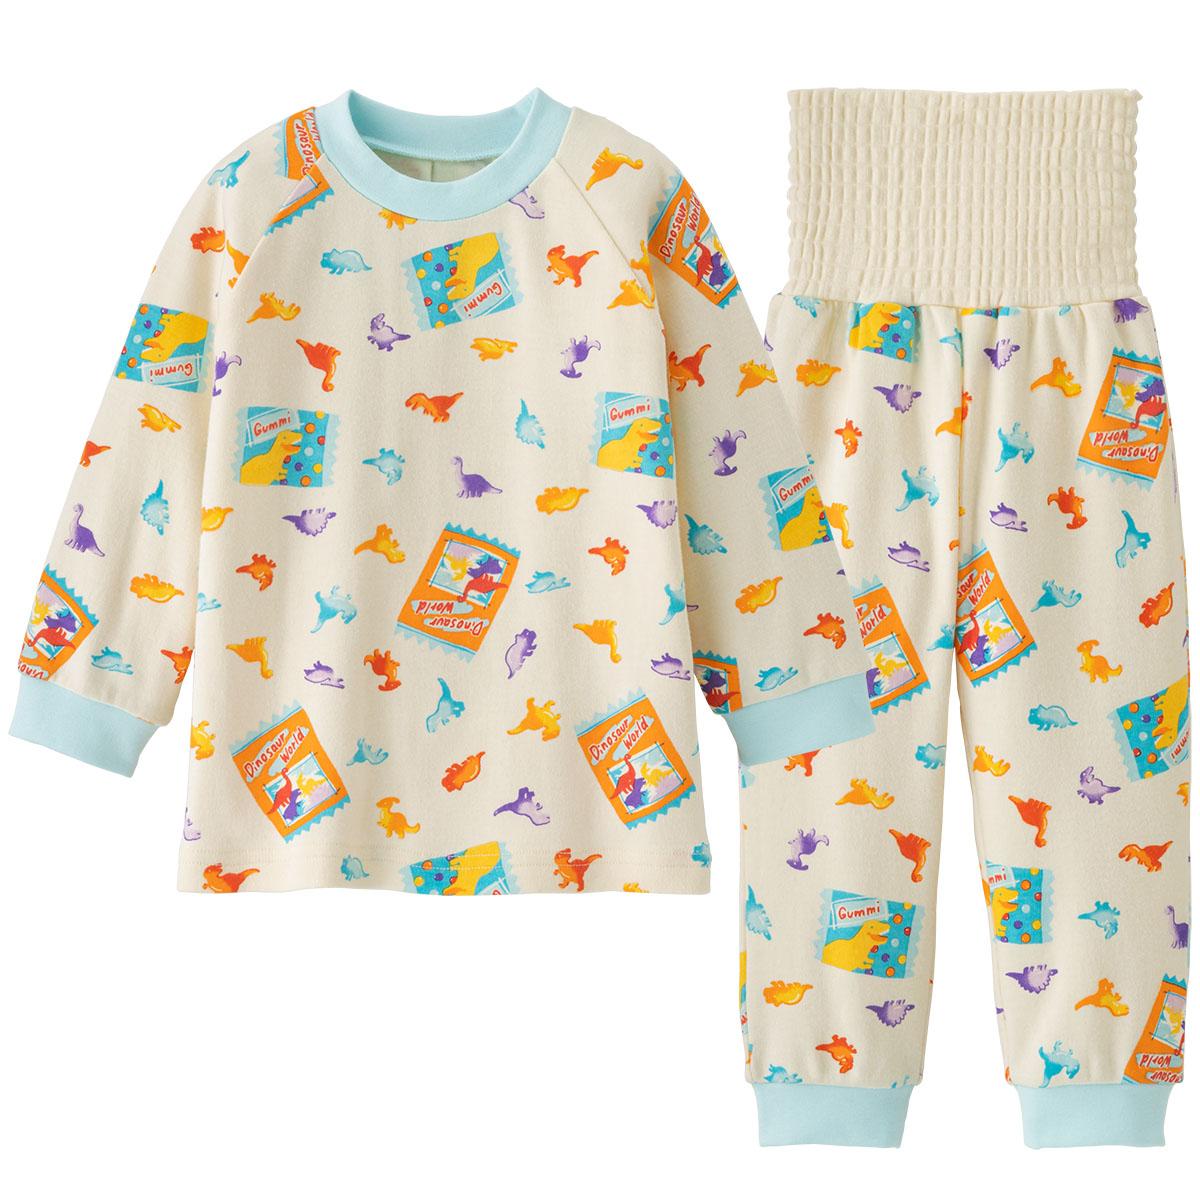 《コンビミニ》腹巻き付きパジャマ 恐竜グミ 新色追加 男の子 : 送料無料 激安 お買い得 キ゛フト